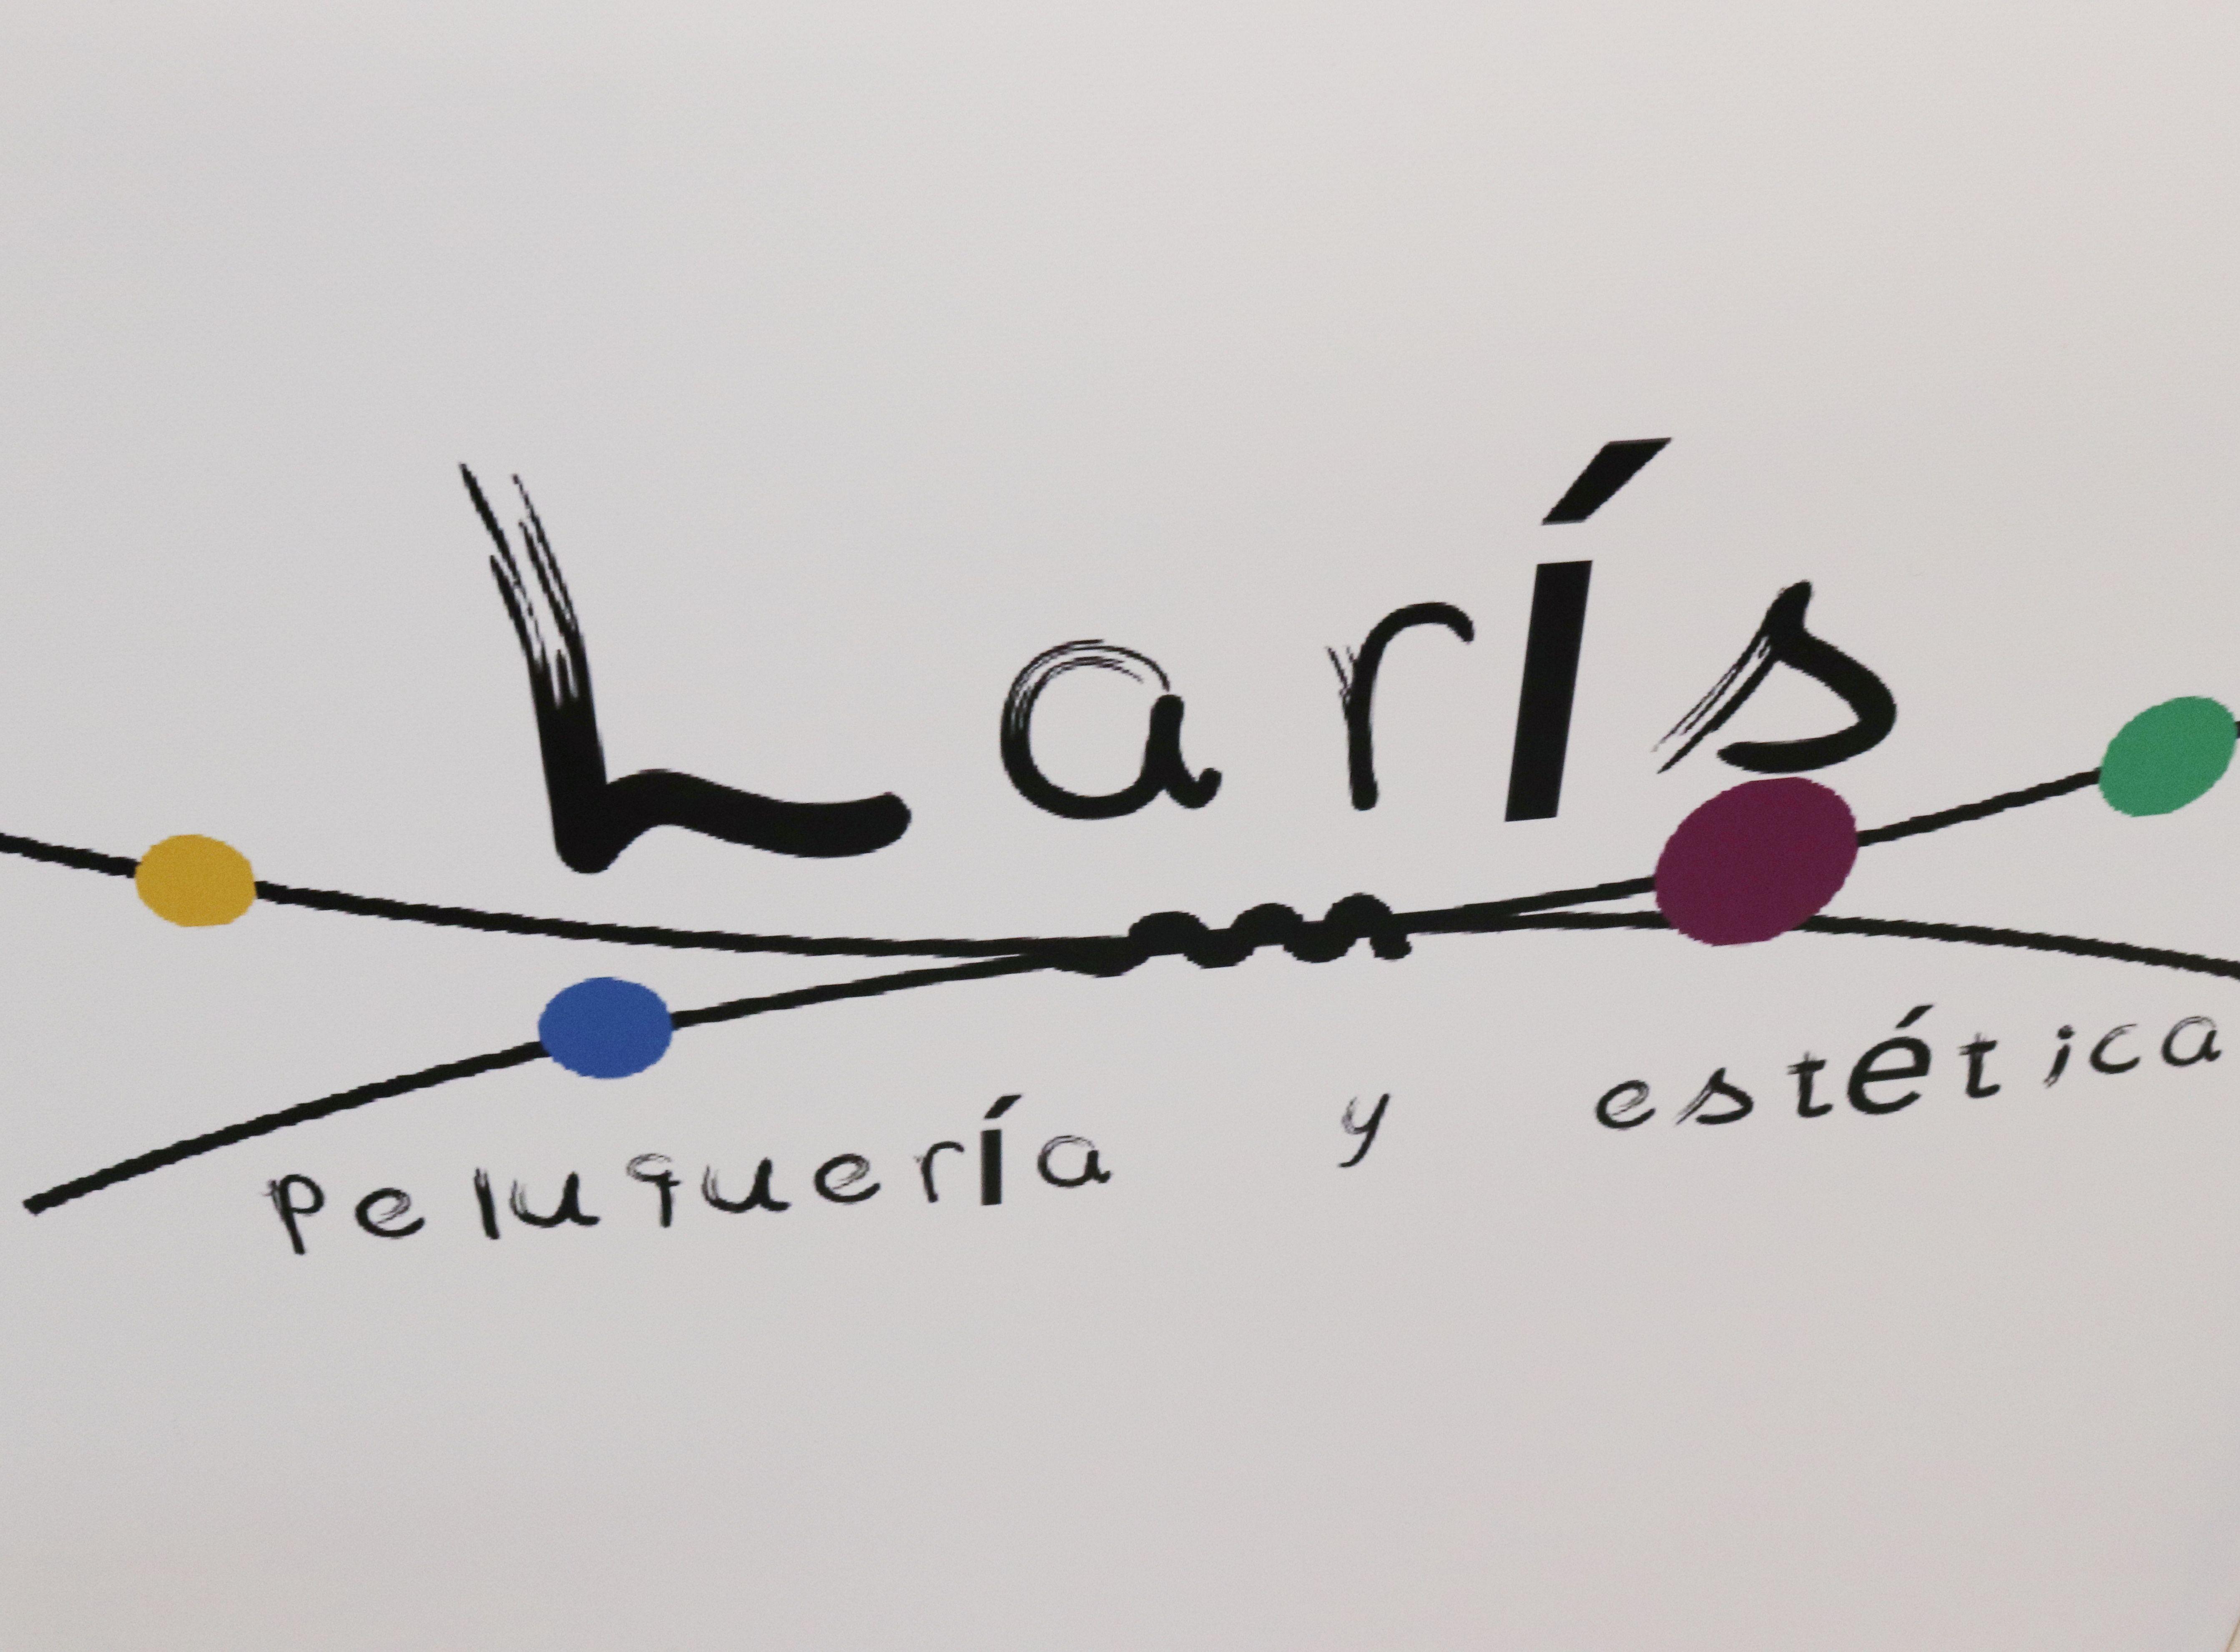 Laris, peluquería y estética en el barrio de Ciudad Lineal (Madrid)